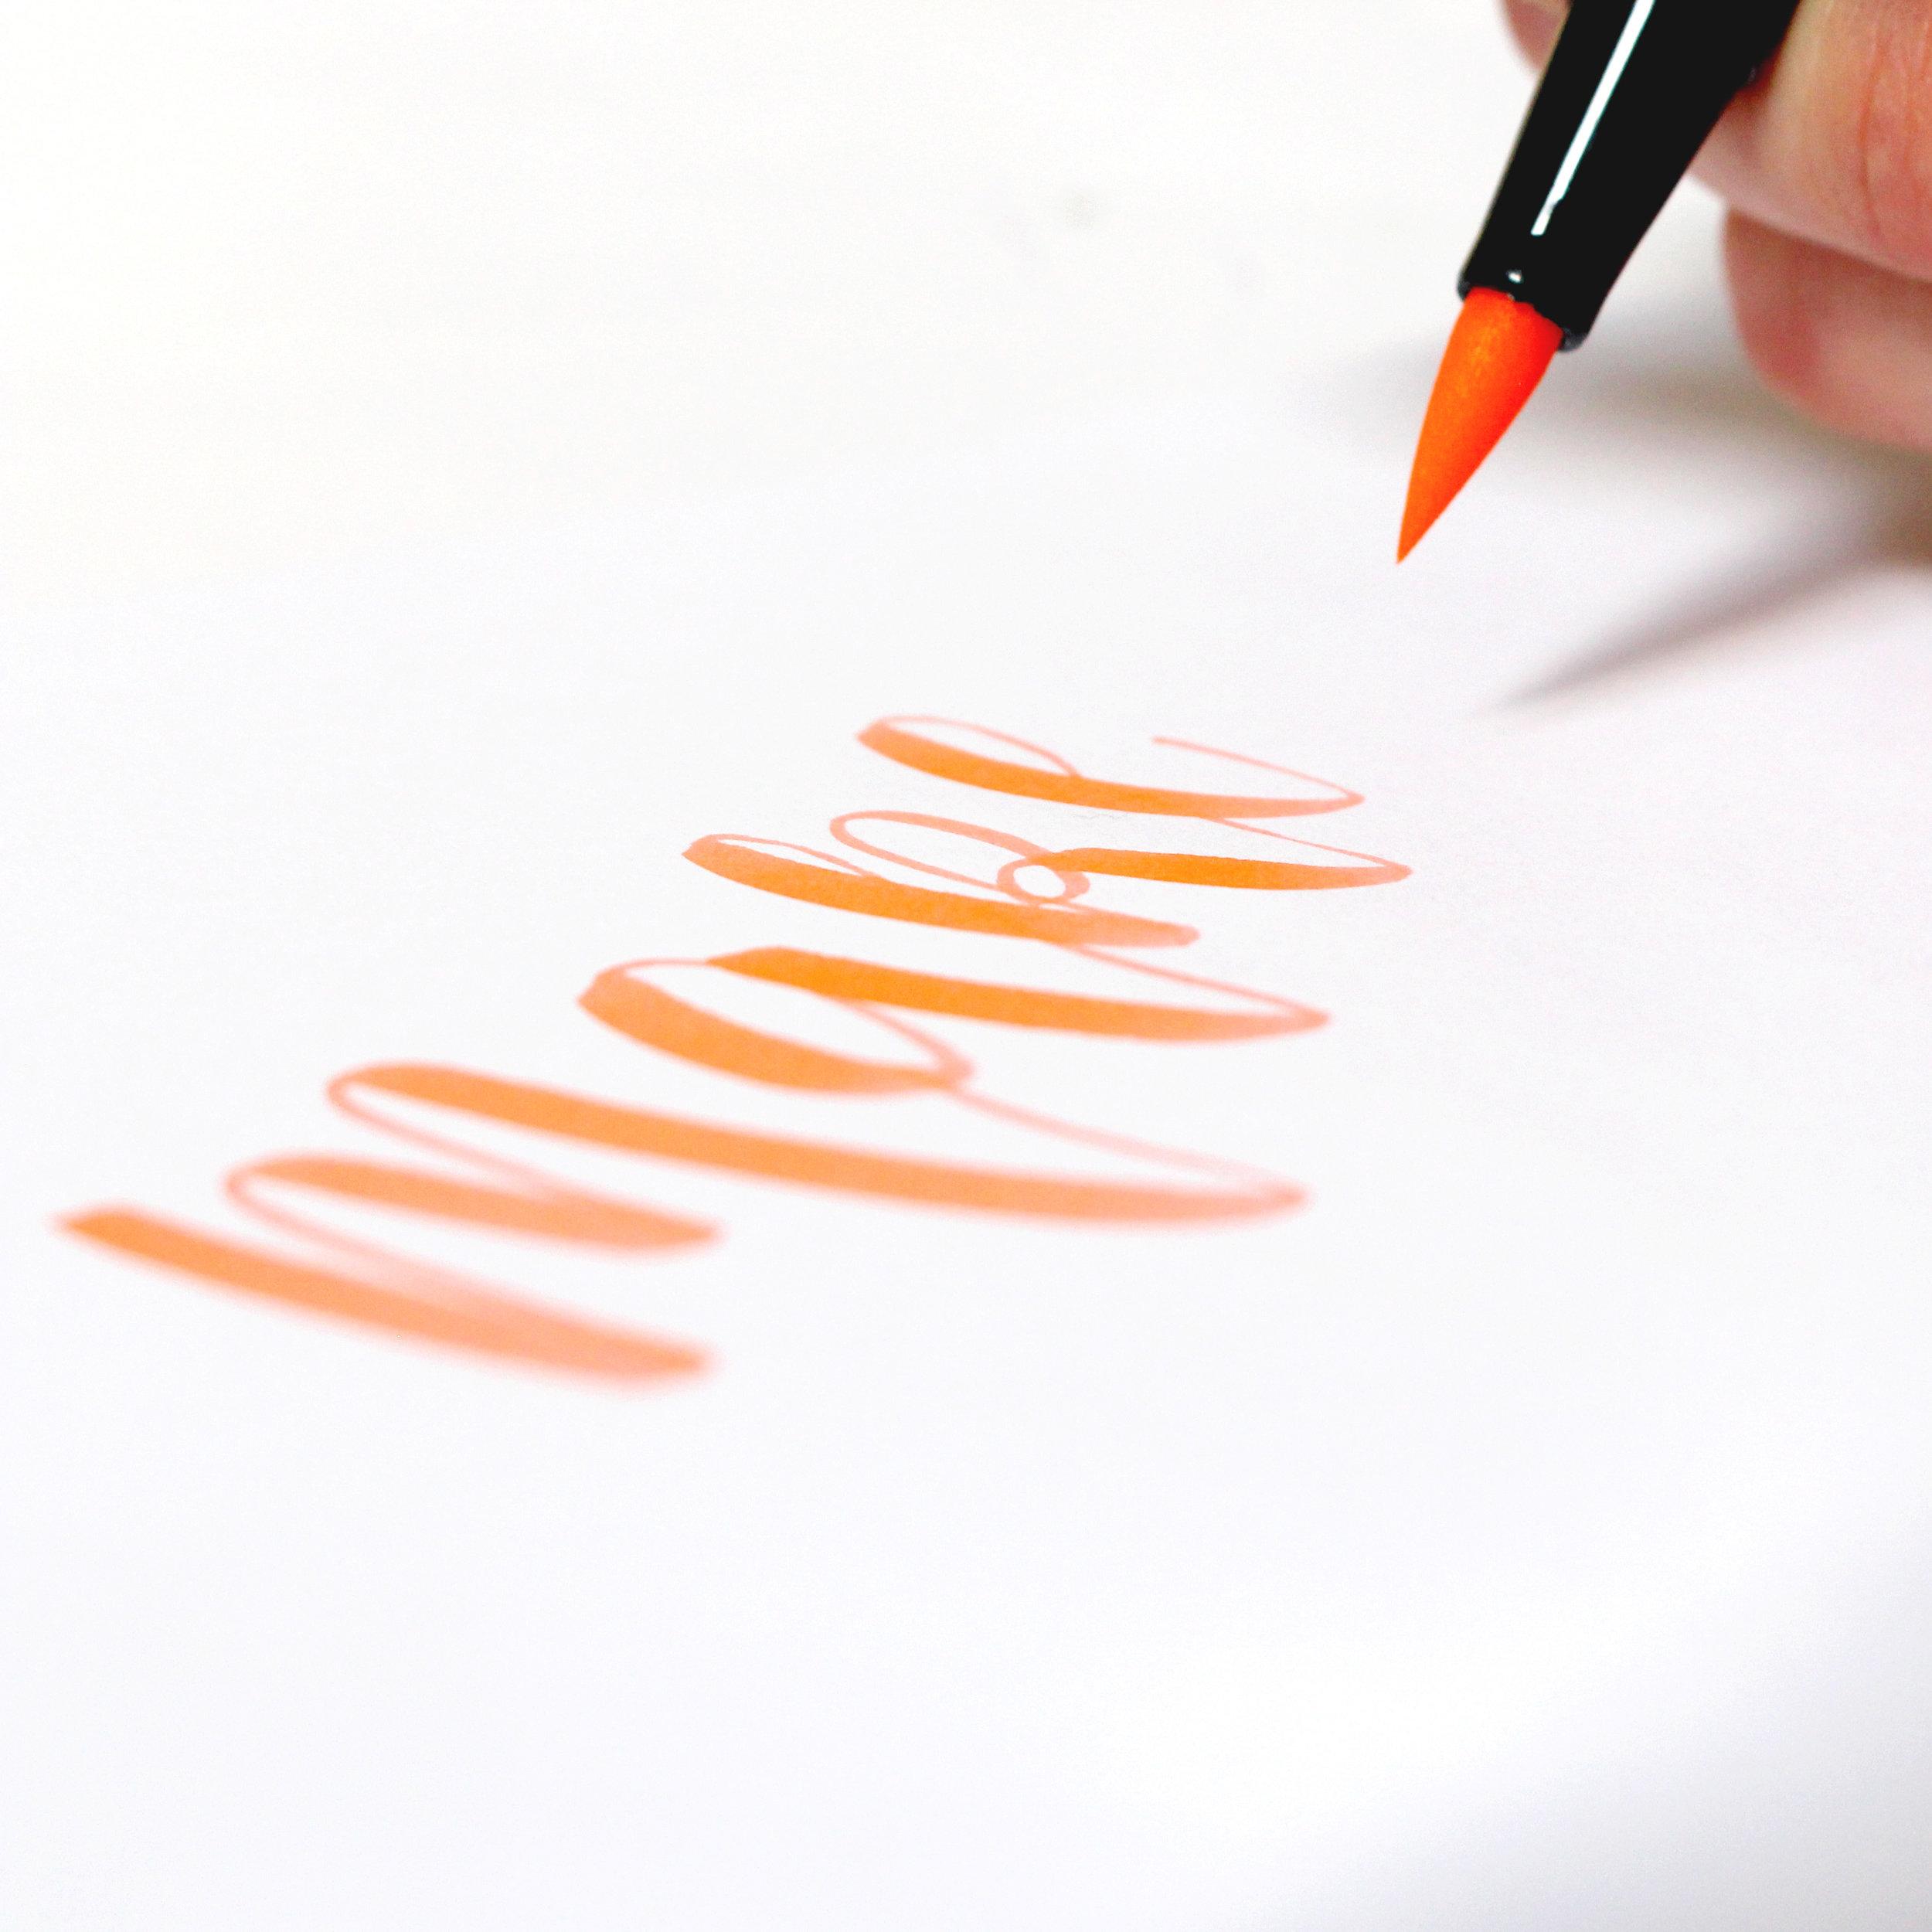 tombow brush pen.jpg